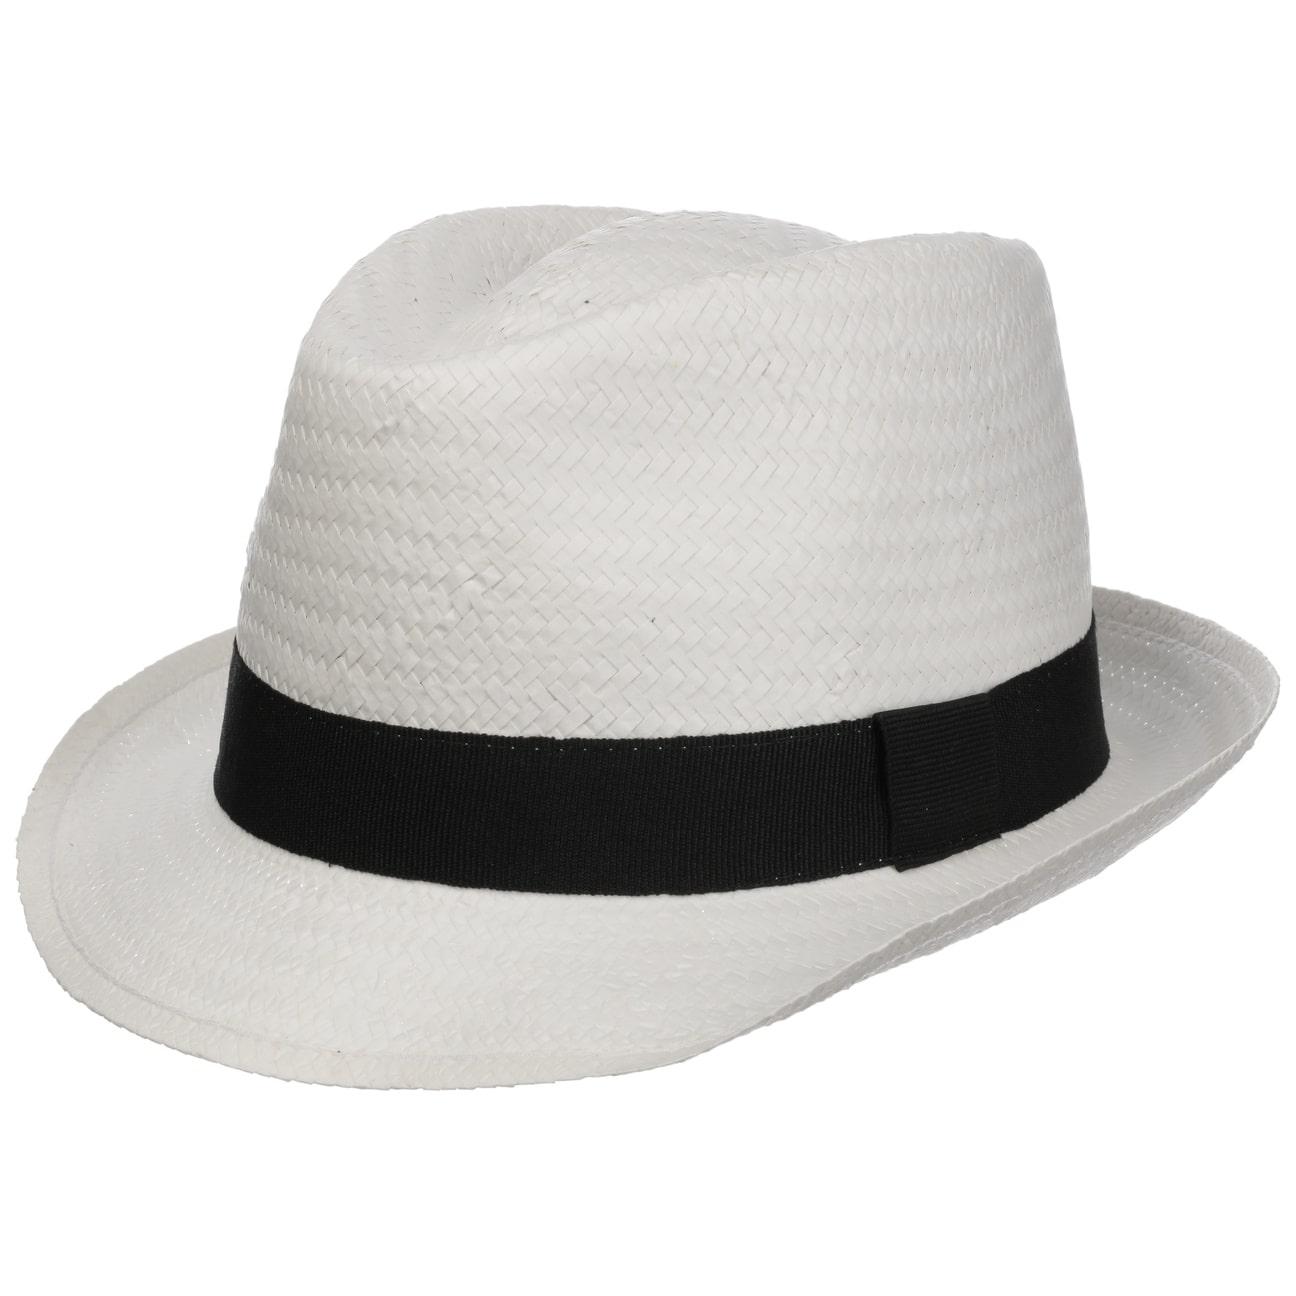 ... Málaga Cappello Trilby in Paglia - bianco 1 ... 29594c91c930